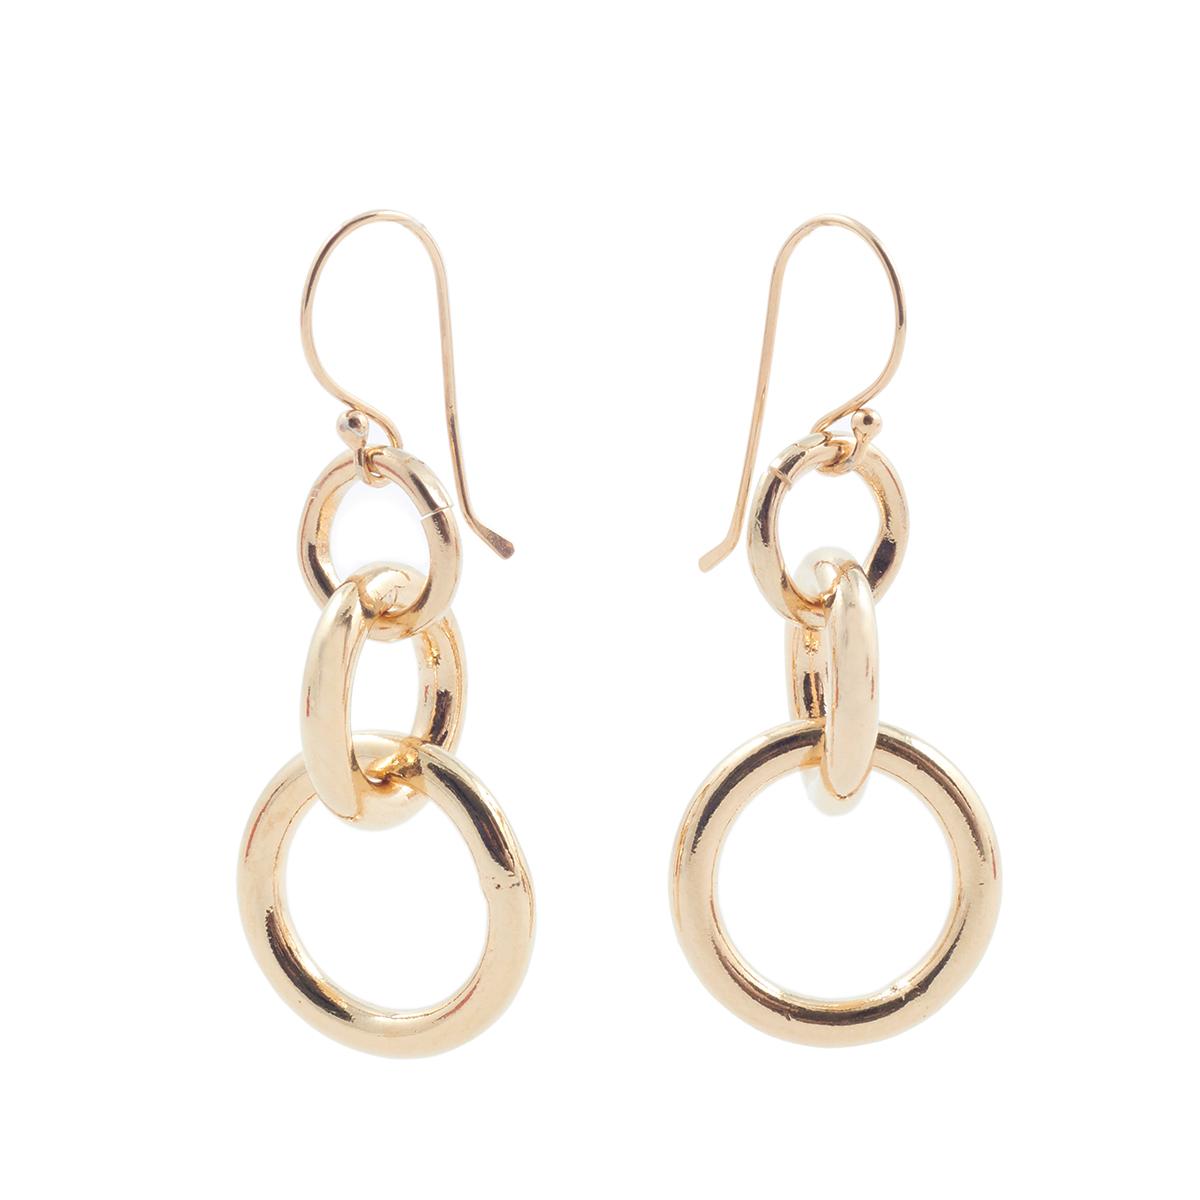 Hoop chain earrings by Mirabelle